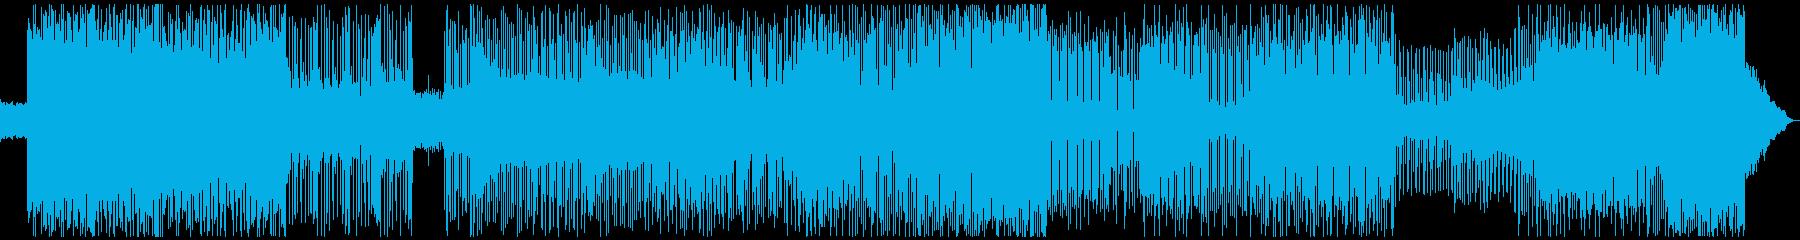 オルタナ&グランジリフバンドル!生演奏!の再生済みの波形